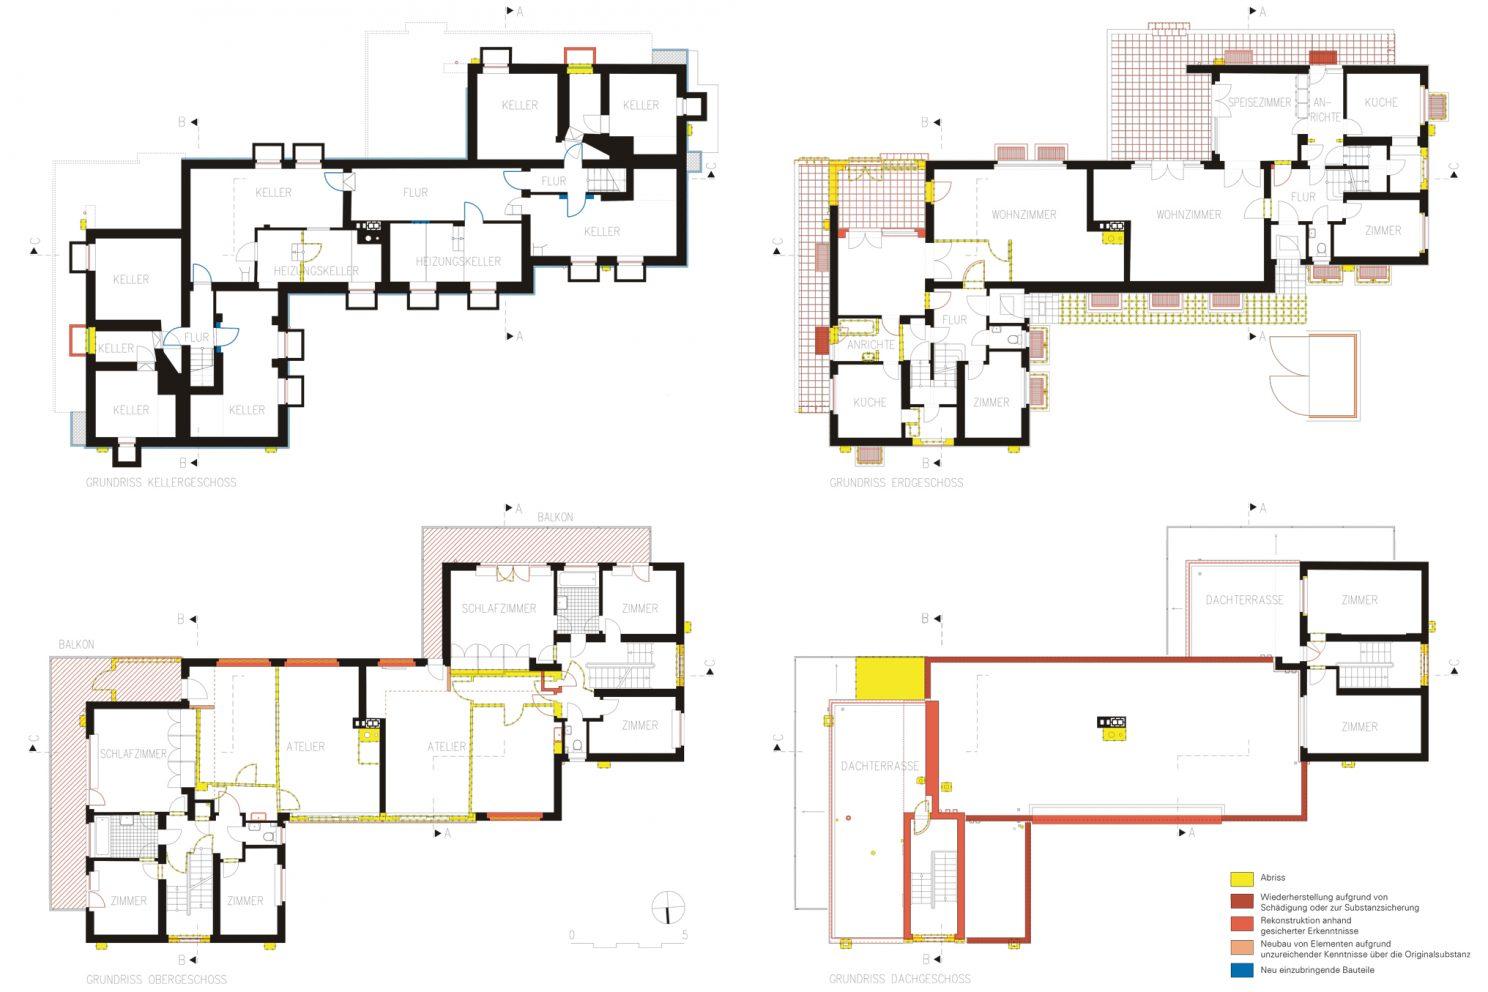 meisterhaus muche schlemmer brenne architekten. Black Bedroom Furniture Sets. Home Design Ideas